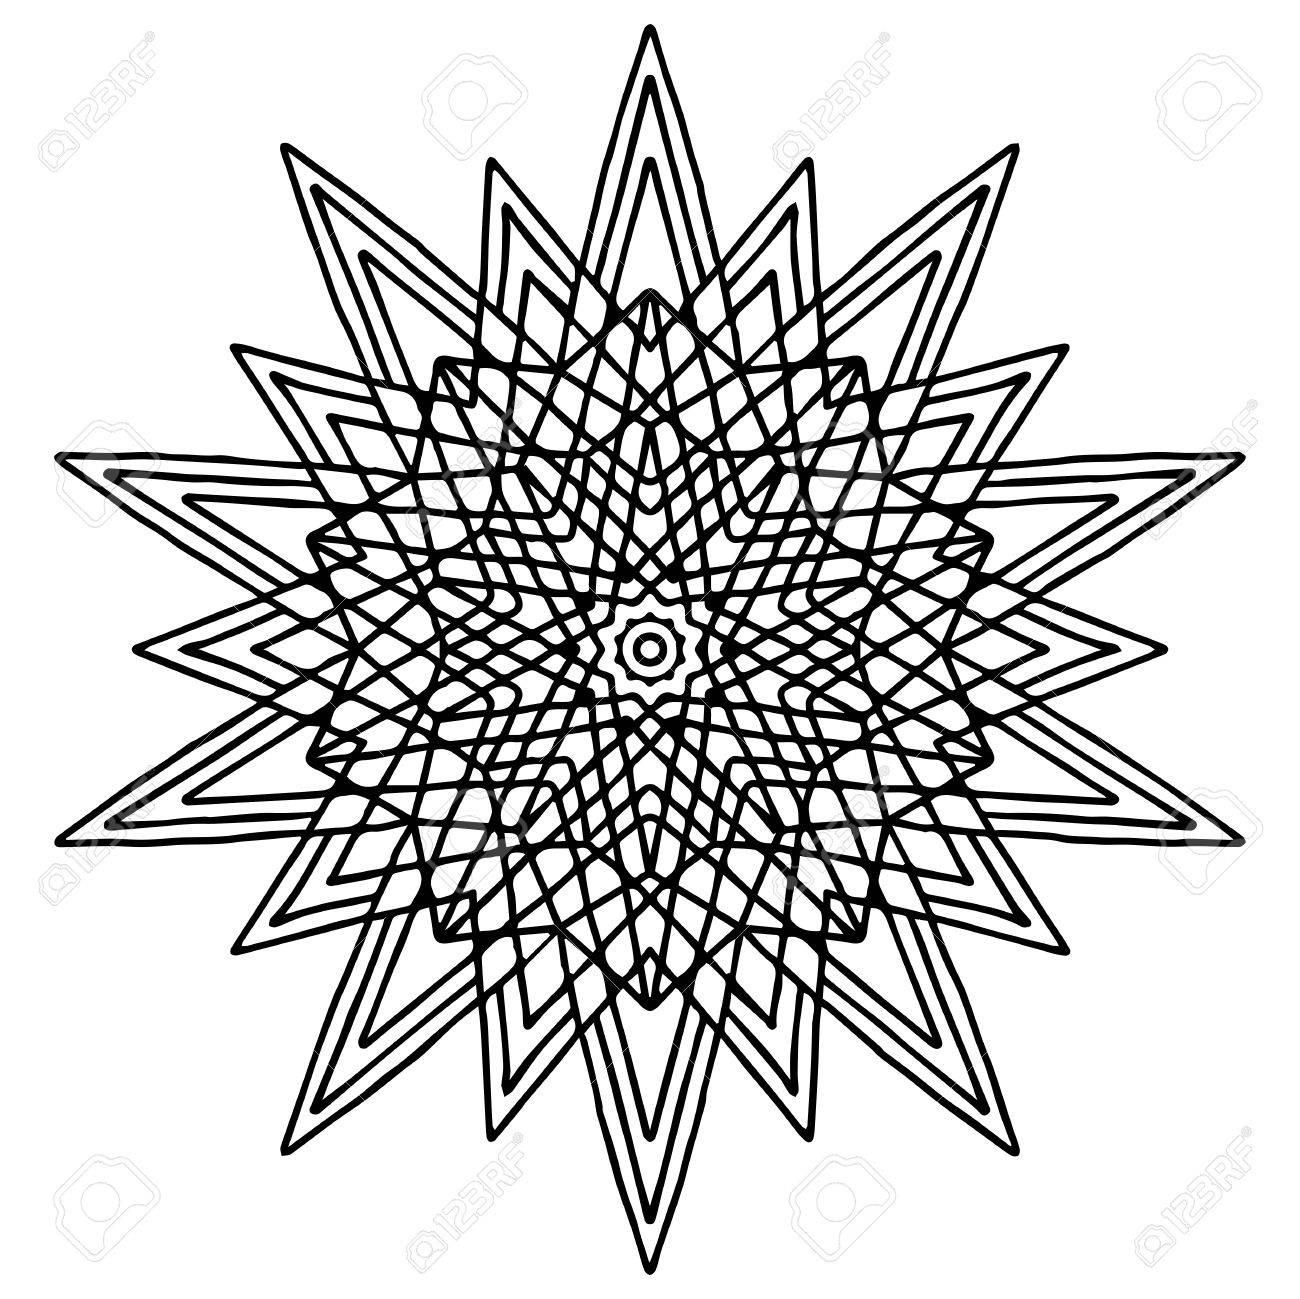 1300x1299 Christmas Hand Drawing Doodling Star Mandala Coloring Page